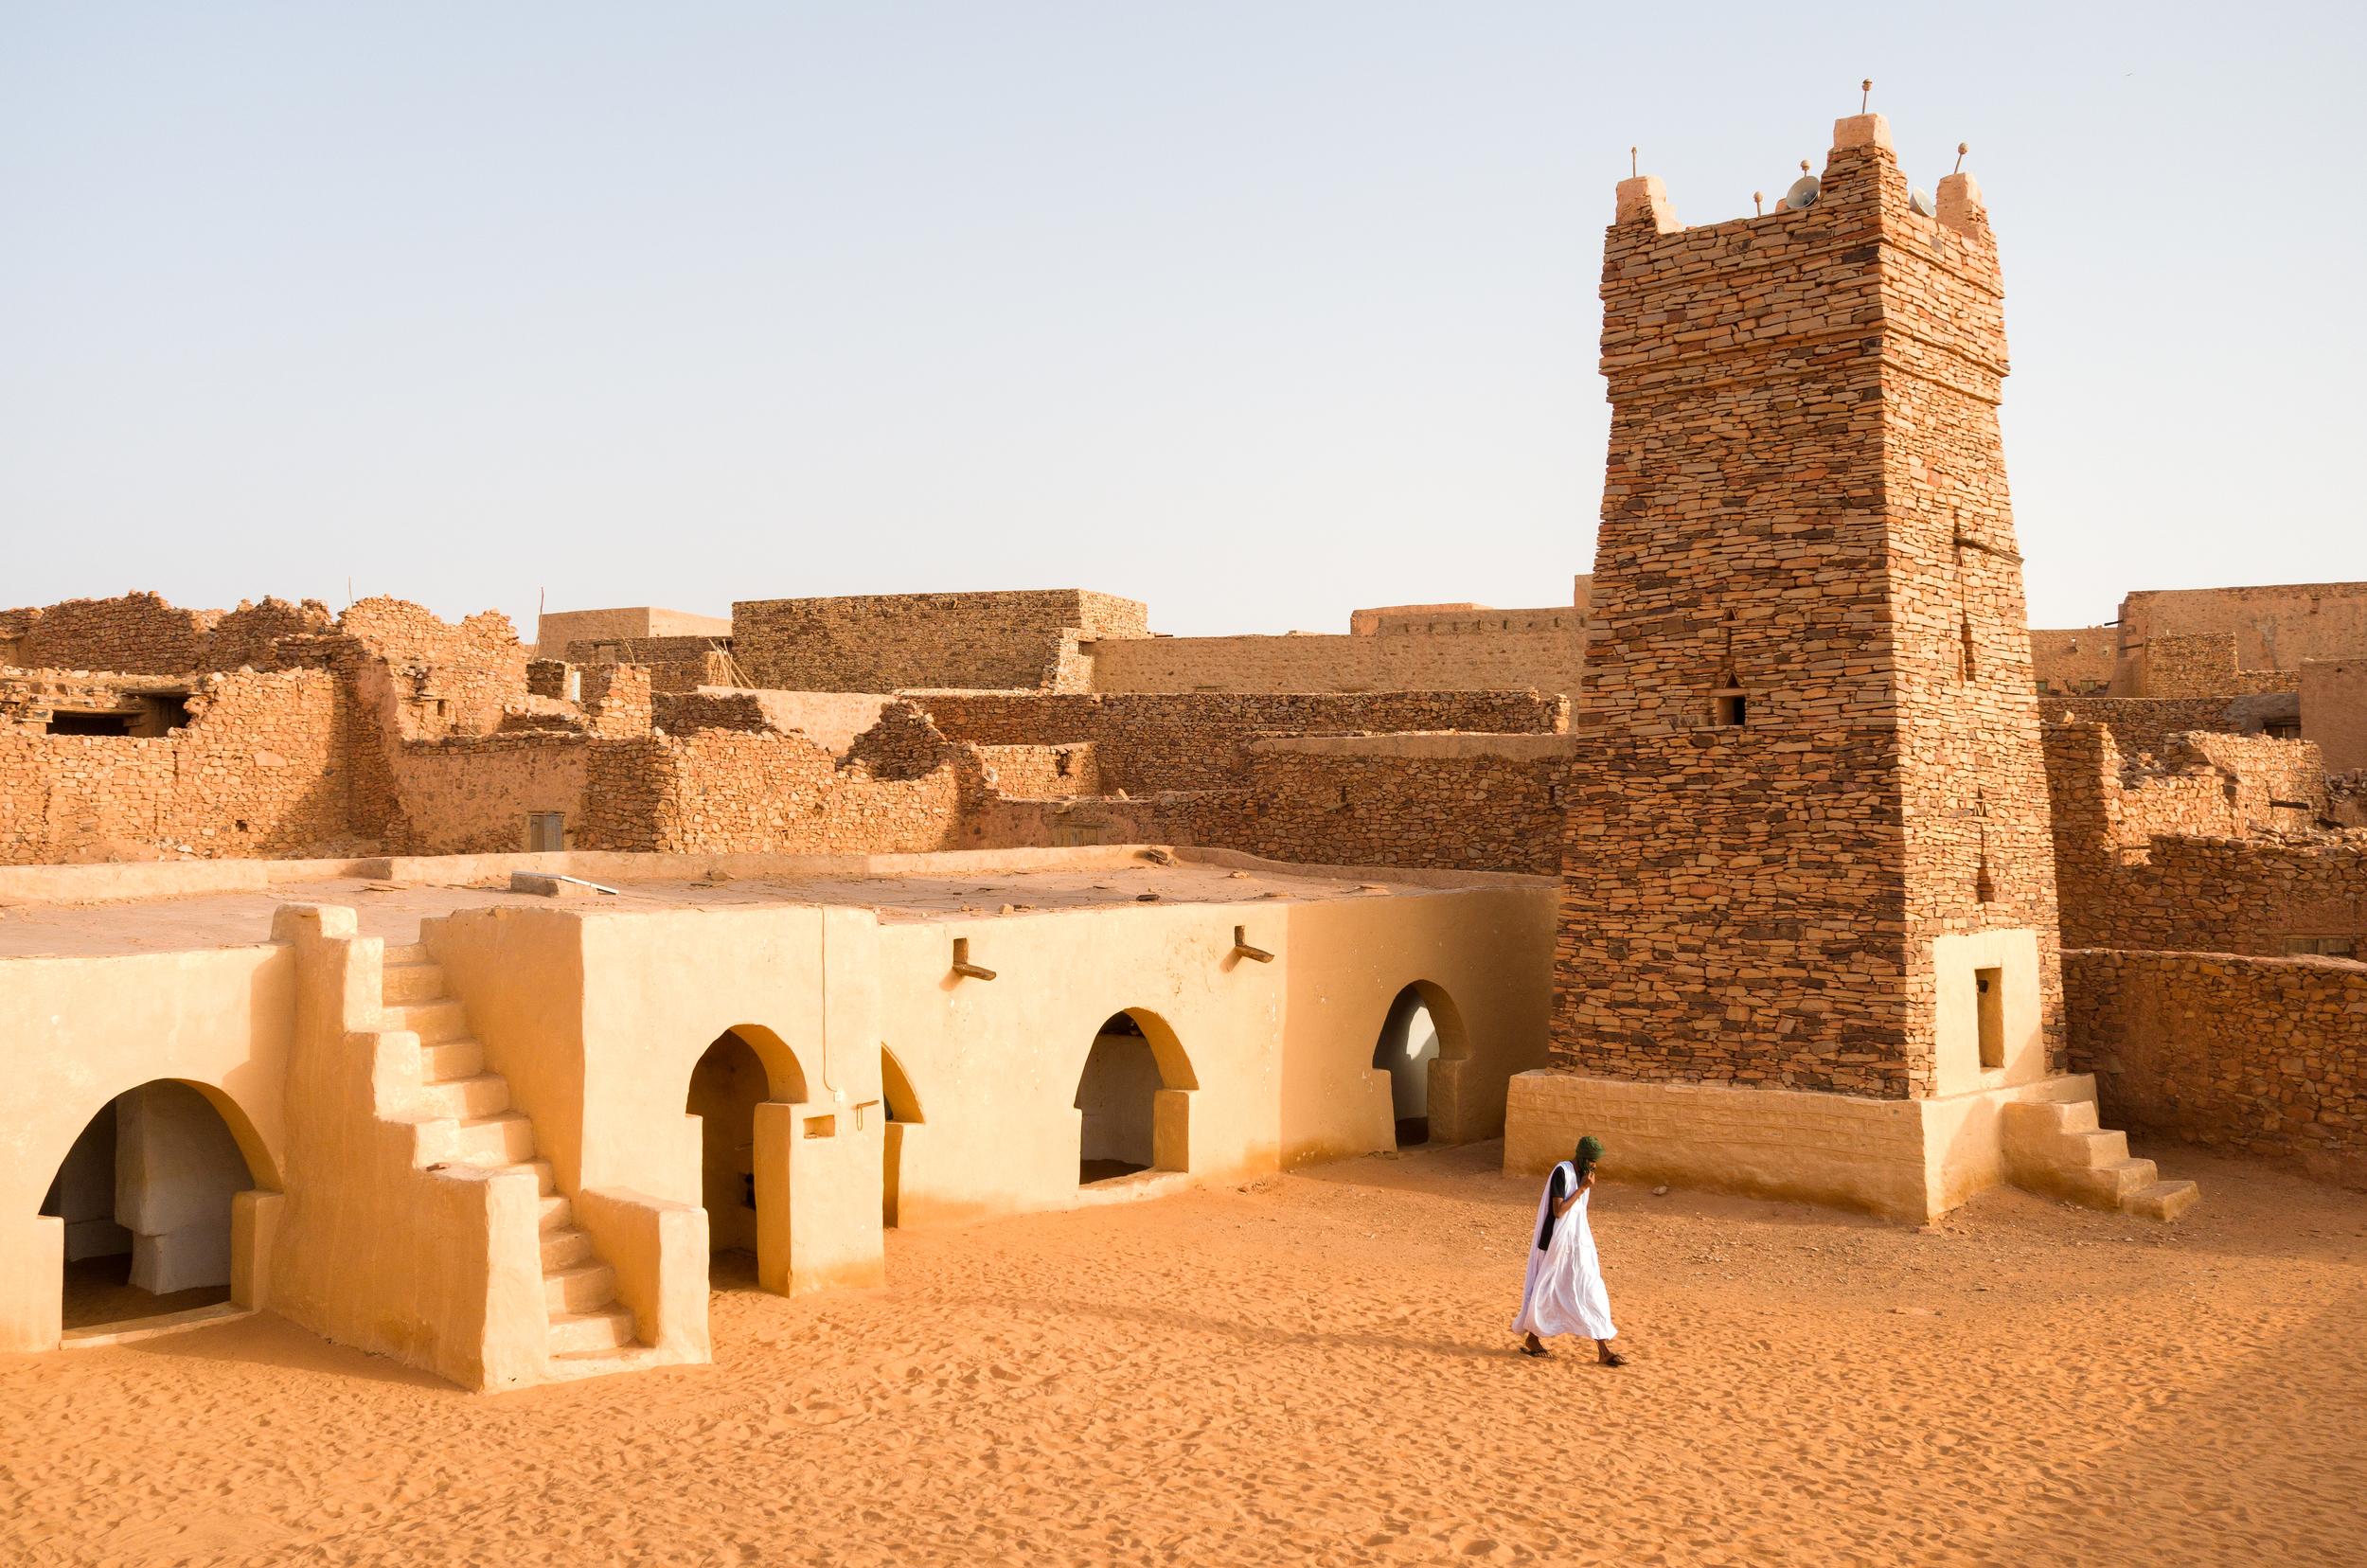 mauritania_jodymacdonaldphotography6.jpg